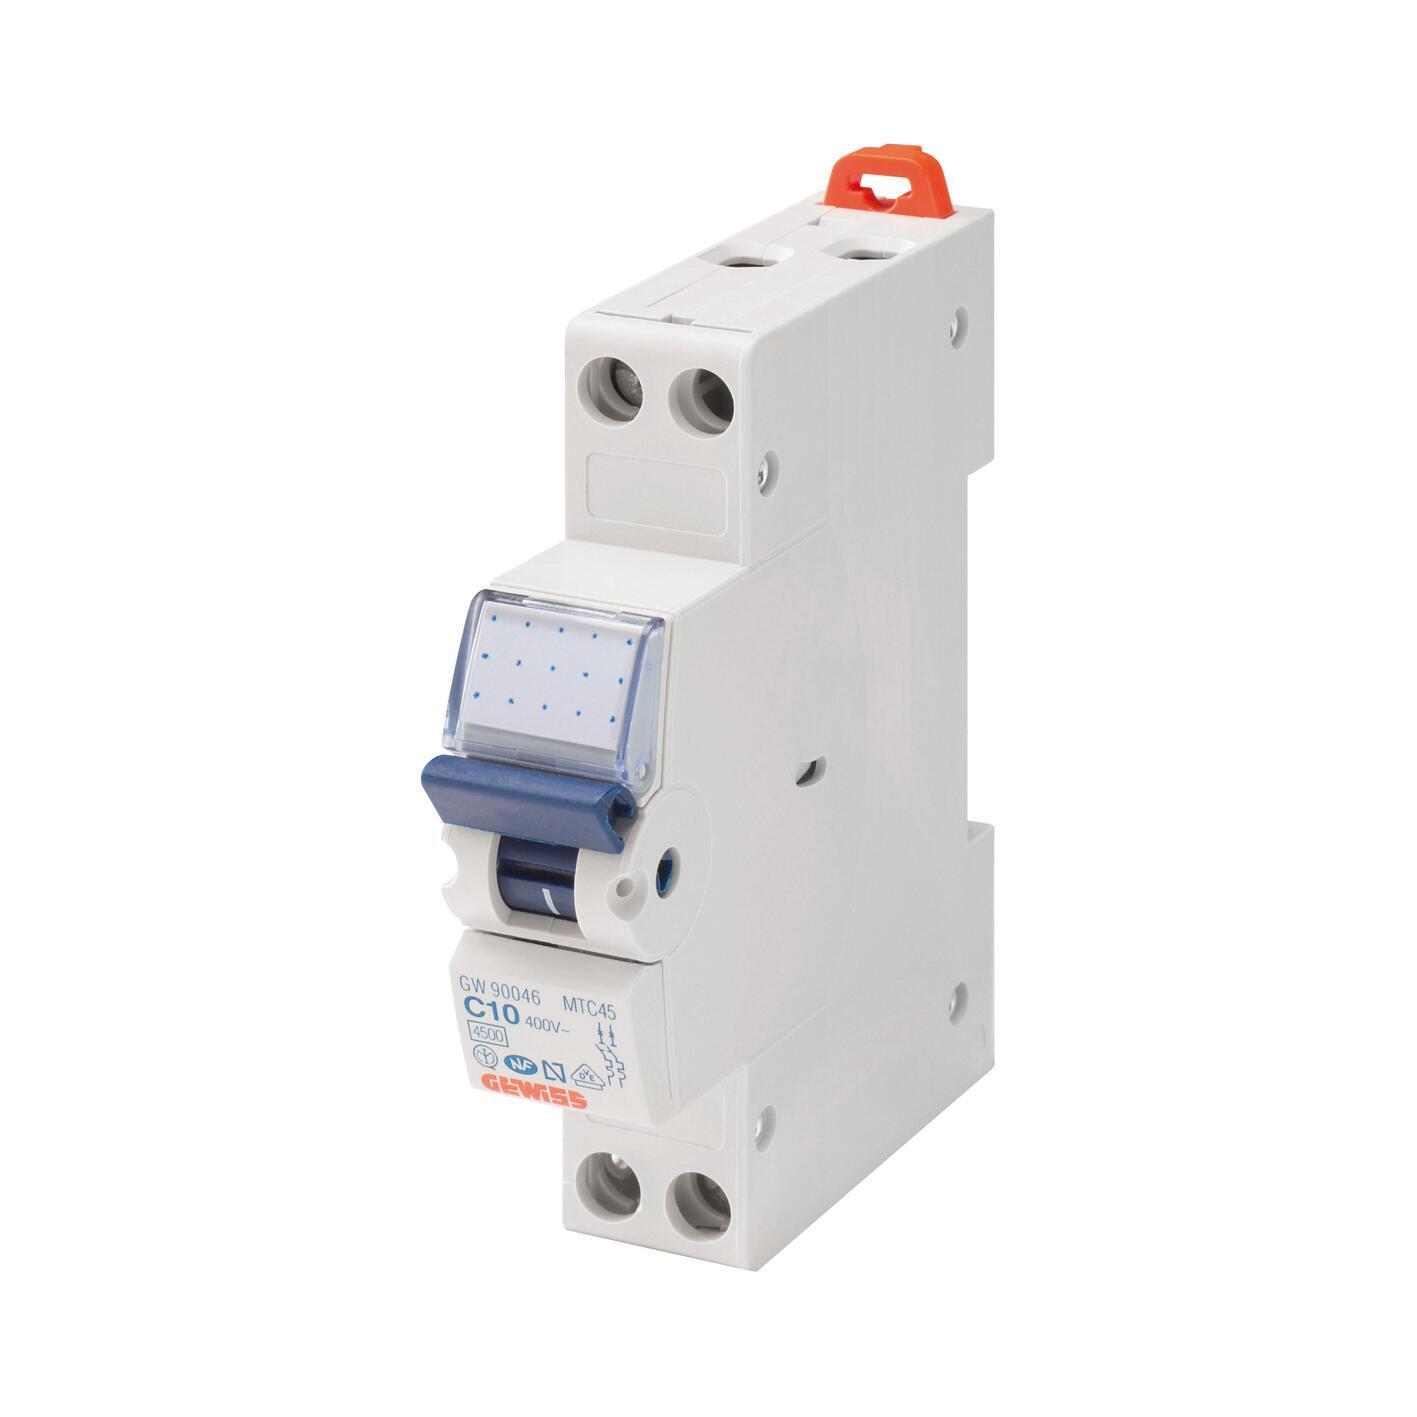 Interruttore magnetotermico GEWISS GW90027 16A C 1 modulo 230V